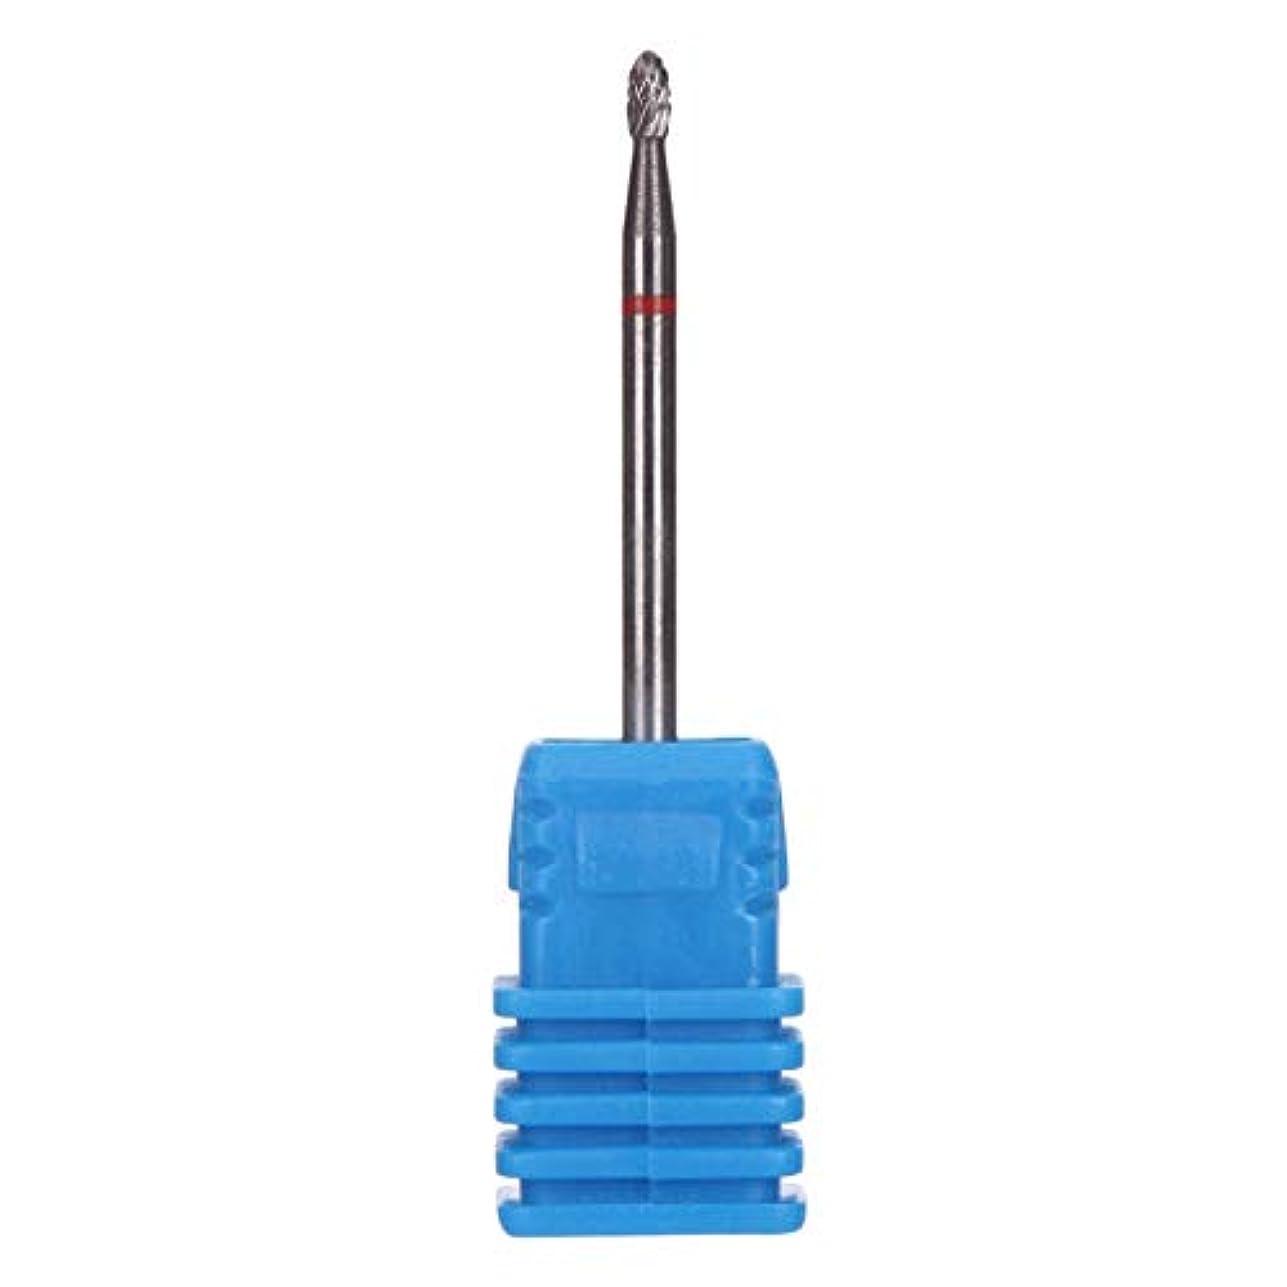 歩道請求可能成熟OU-Kunmlef 釘芸術美しさカッター研削タングステン鋼研磨フライドマニキュアペディキュア釘(None S-H0103 Elliptical)